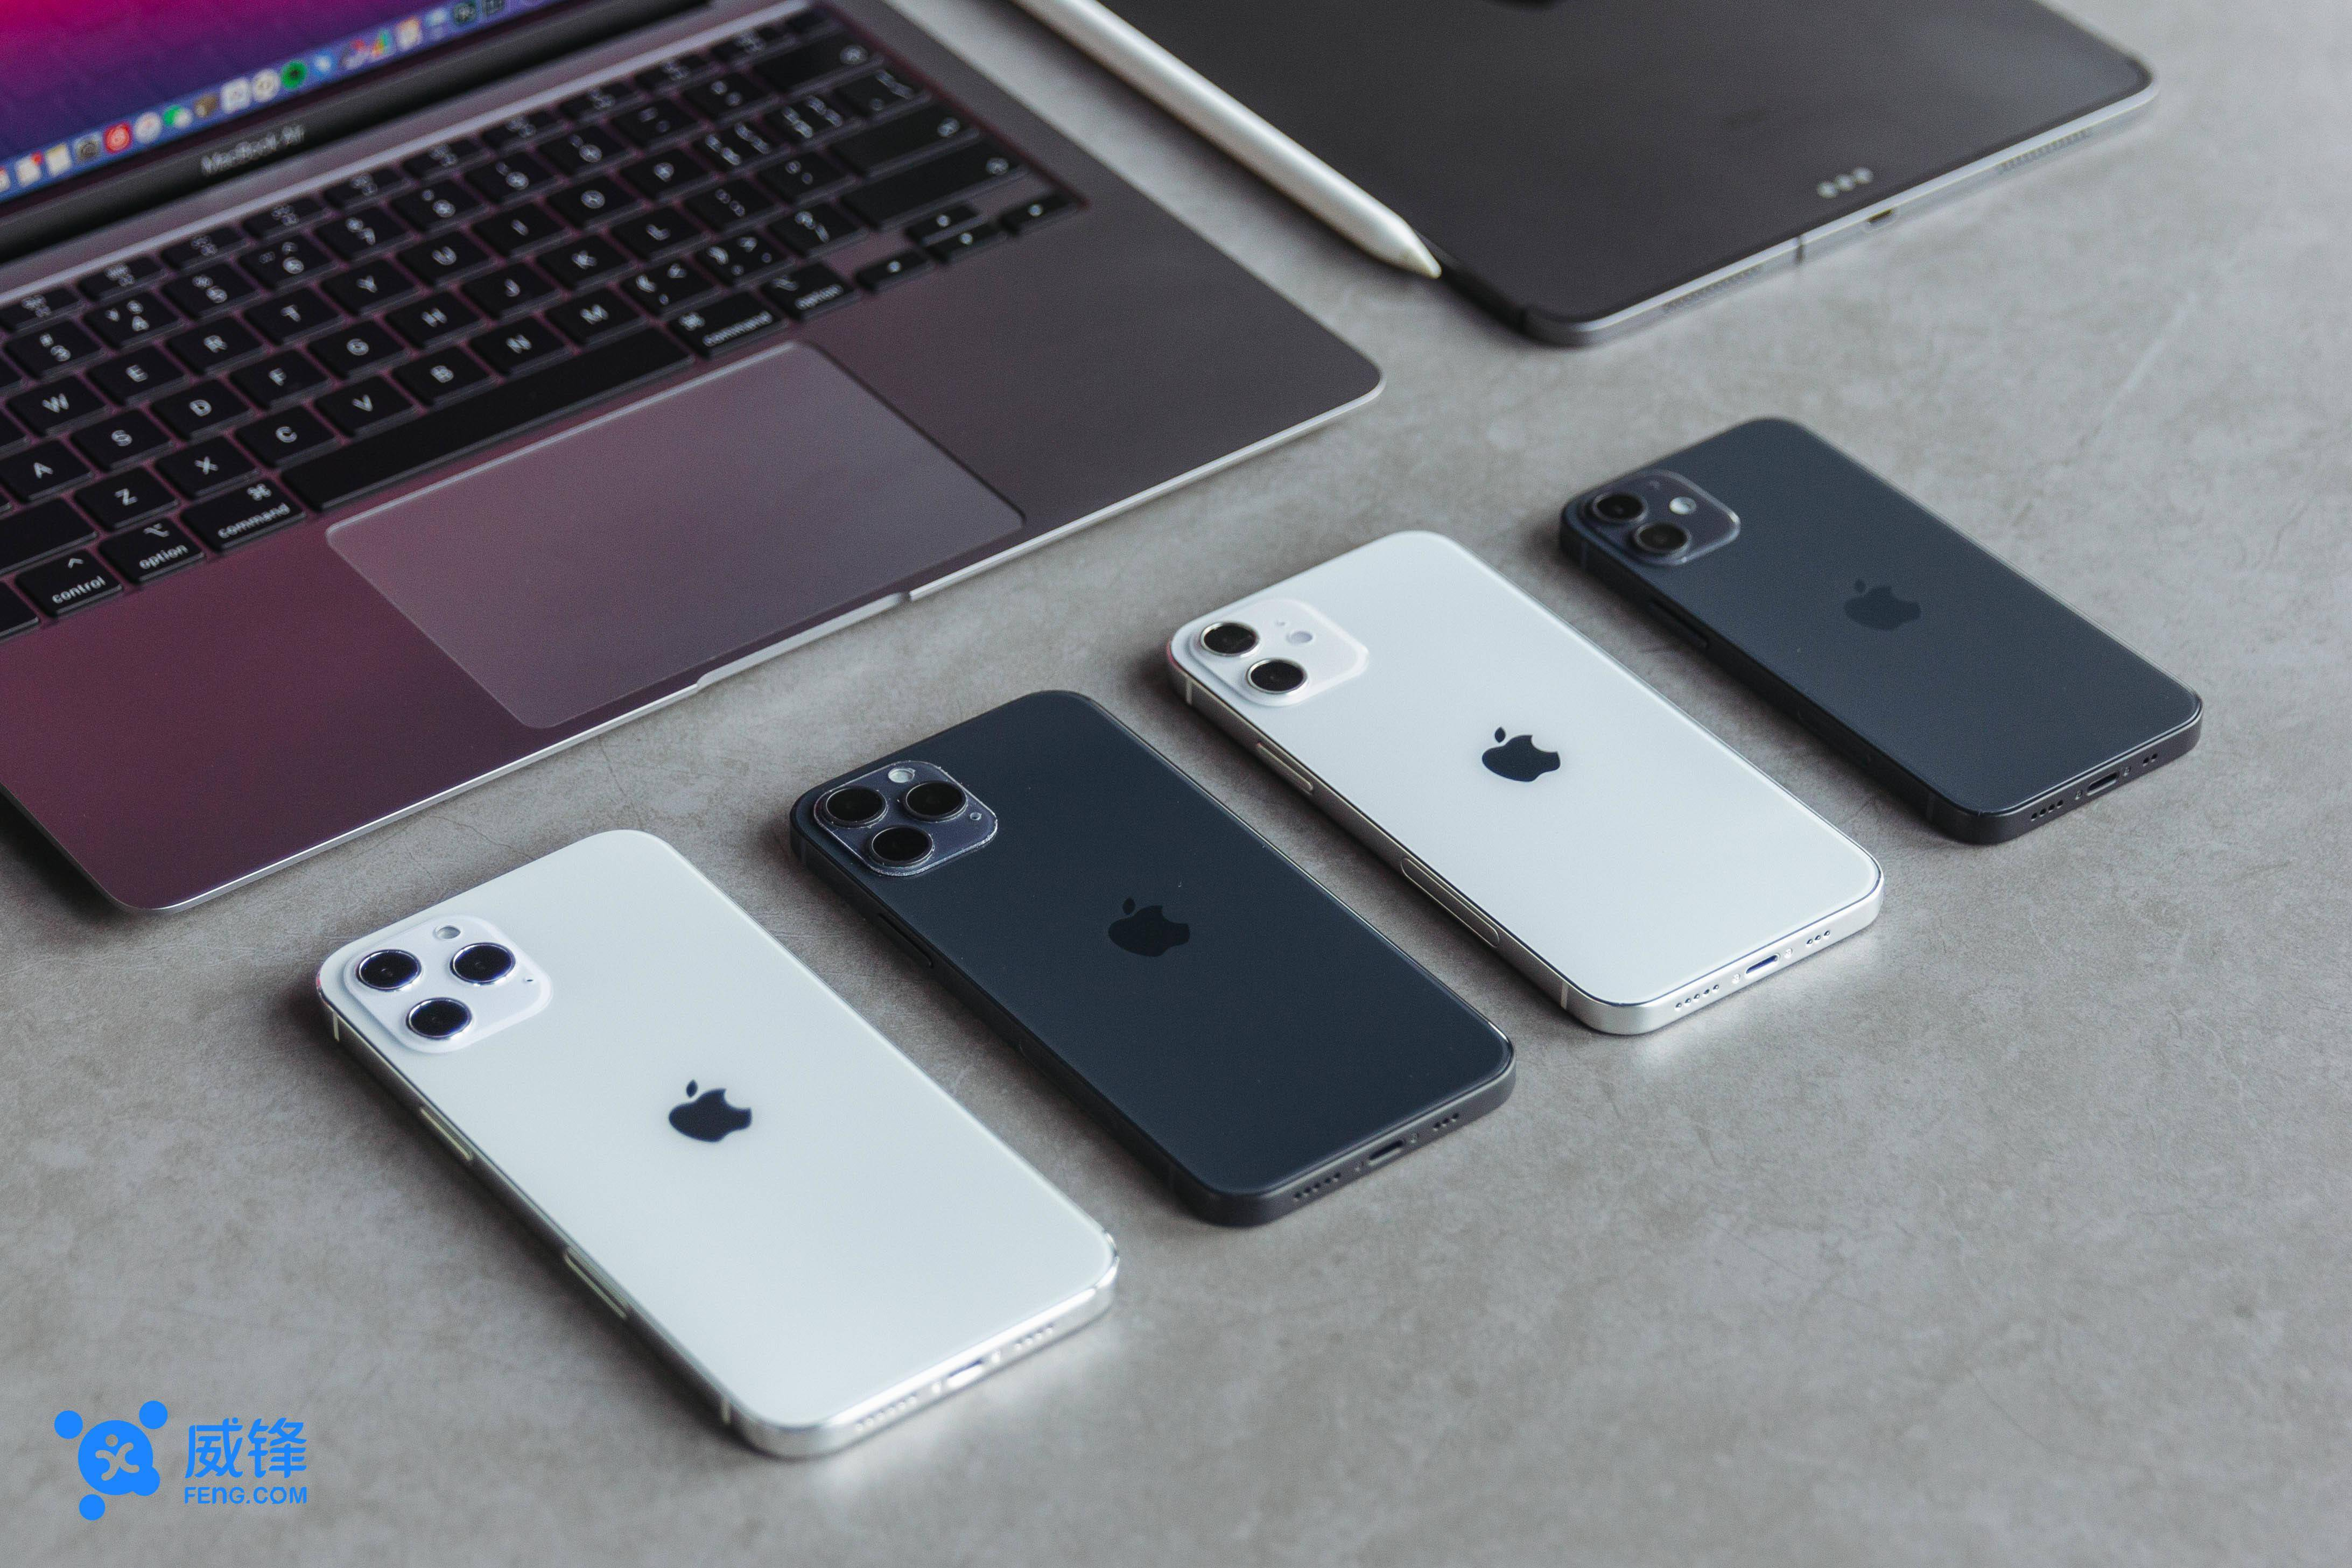 未来iPhone相机能以更快速度传输高分辨率图像